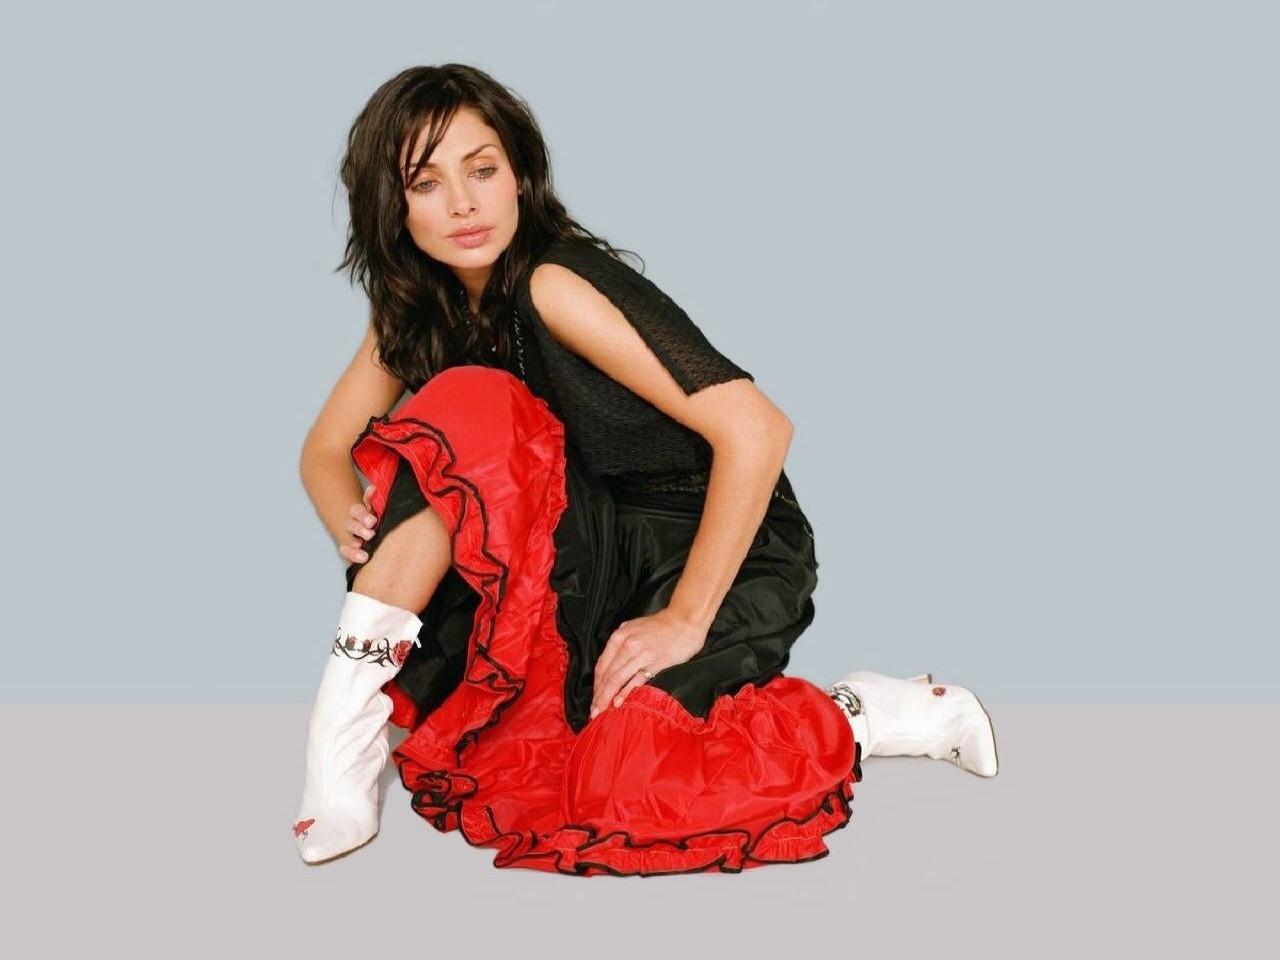 Wallpaper di Natalie Imbruglia - l'attrice e cantante è nata il 4 febbraio 1975, in Australia sotto il segno dell'Acquario